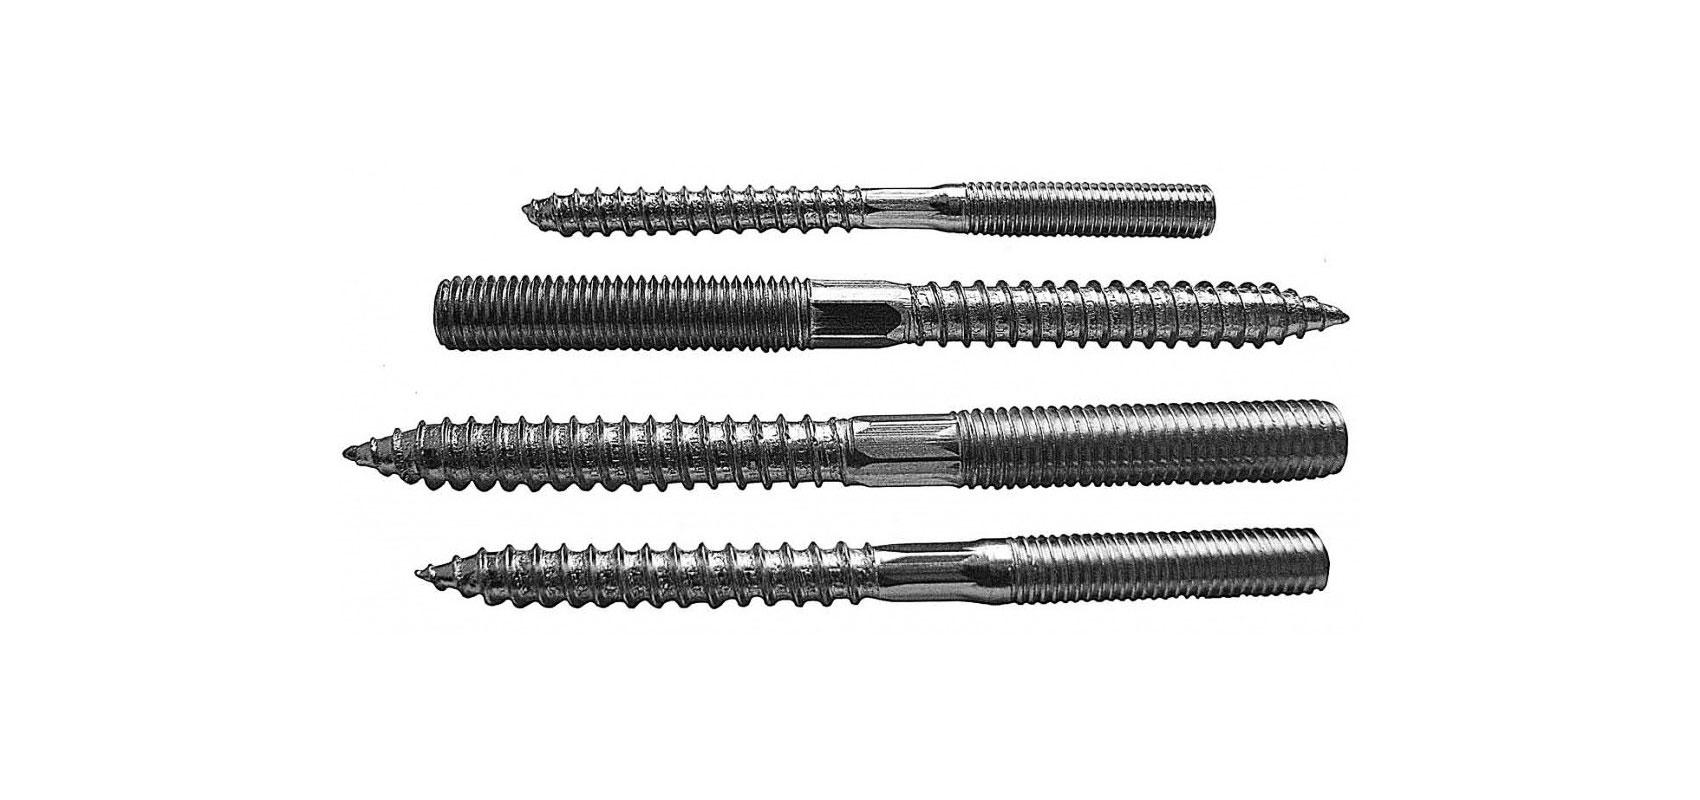 Шпильки для соединения разнородных материалов